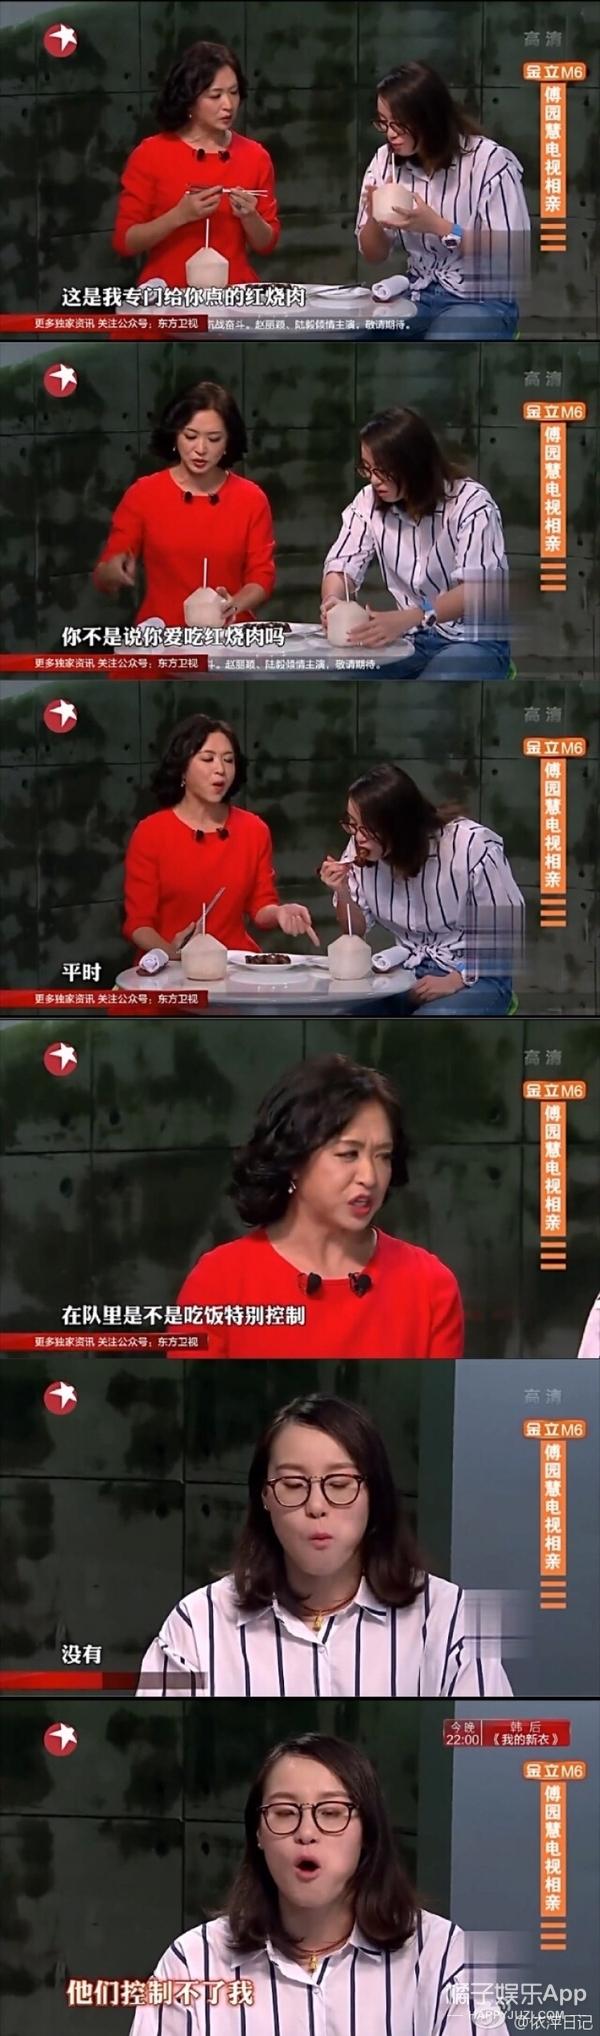 【娱乐早报】吴亦凡爆炸头出席活动  赵丽颖新剧首播秀演技